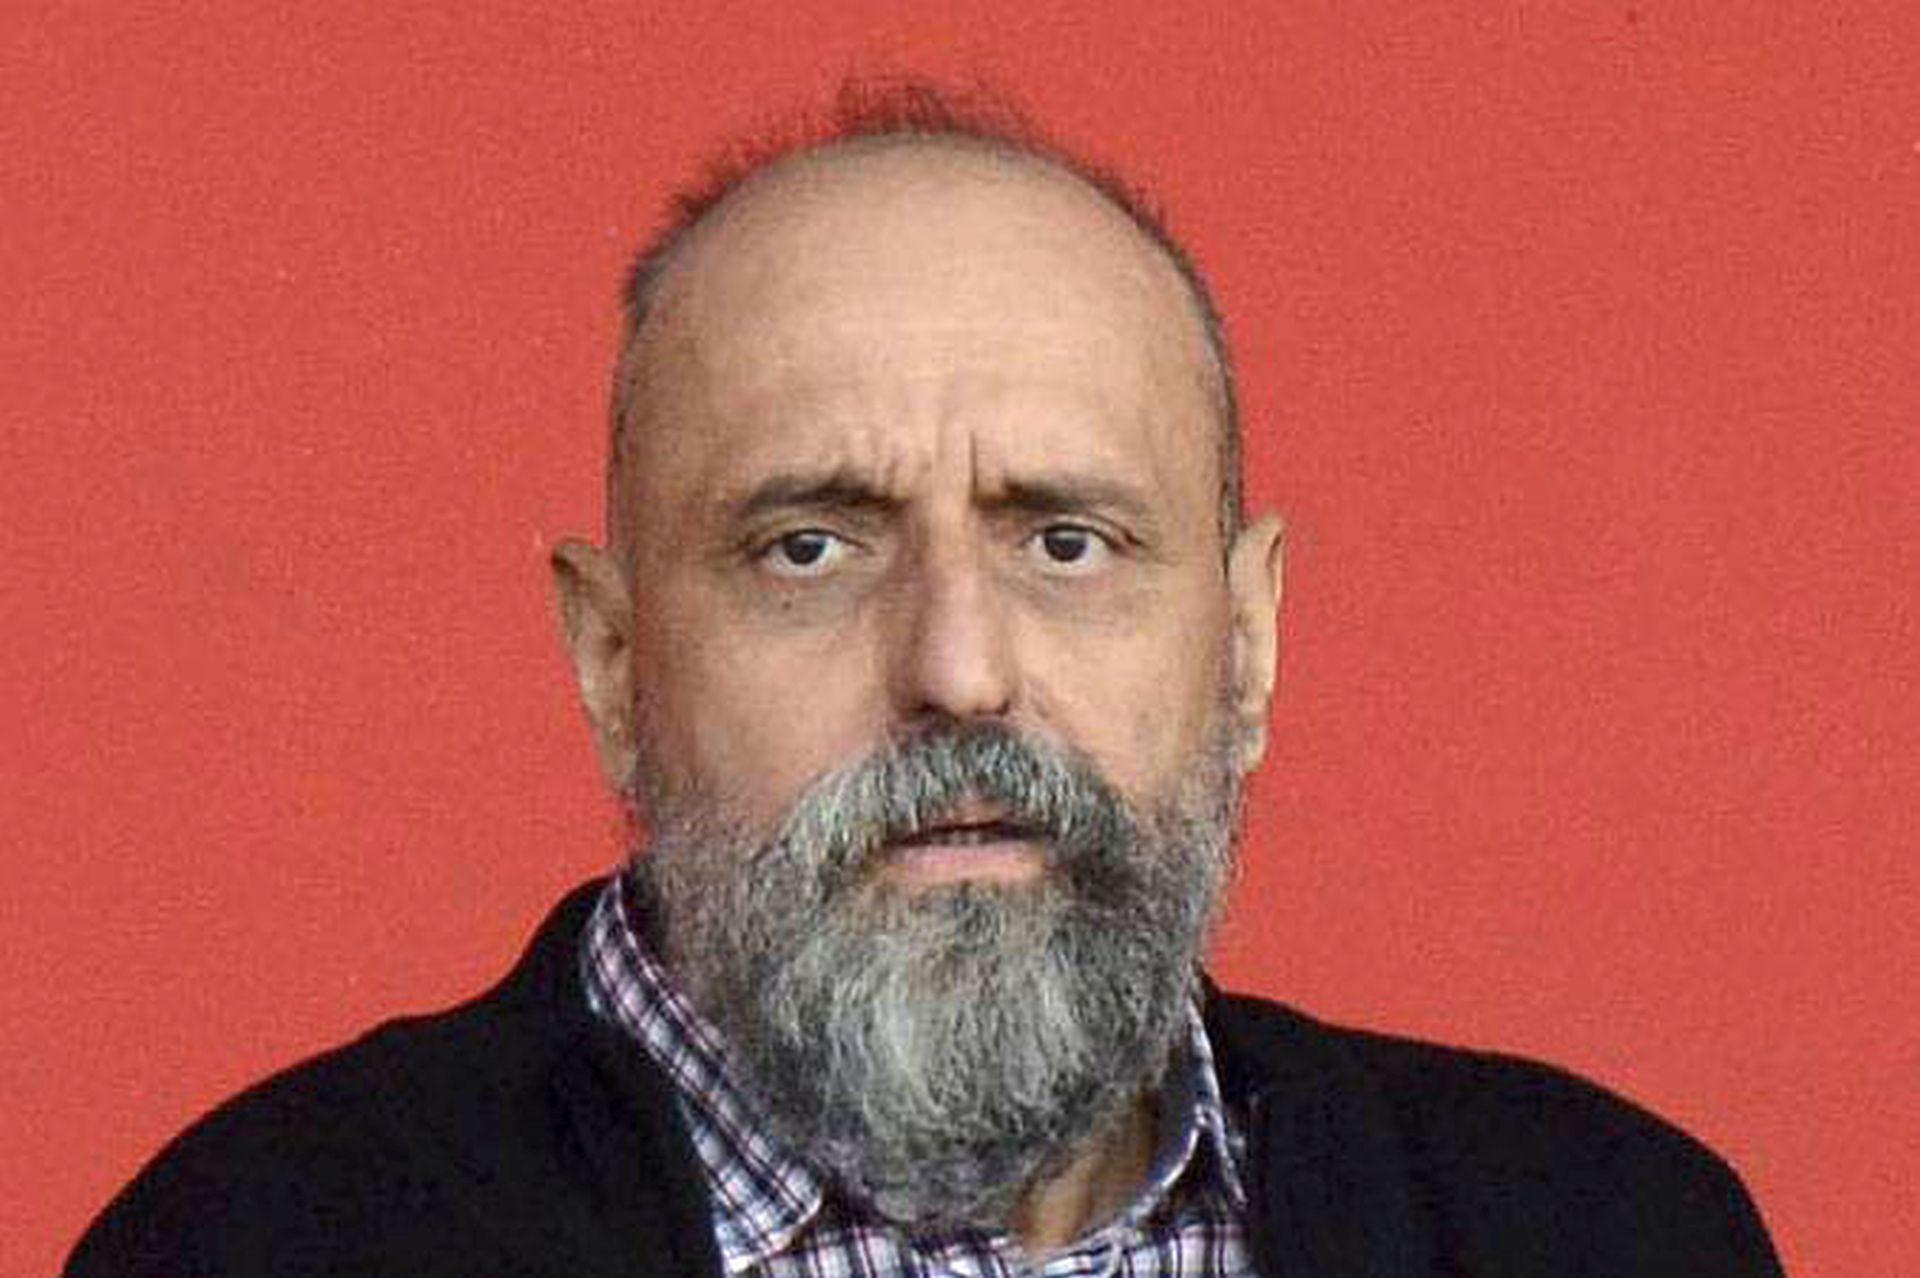 Haški optuženik Goran Hadžić umro u Novom Sadu